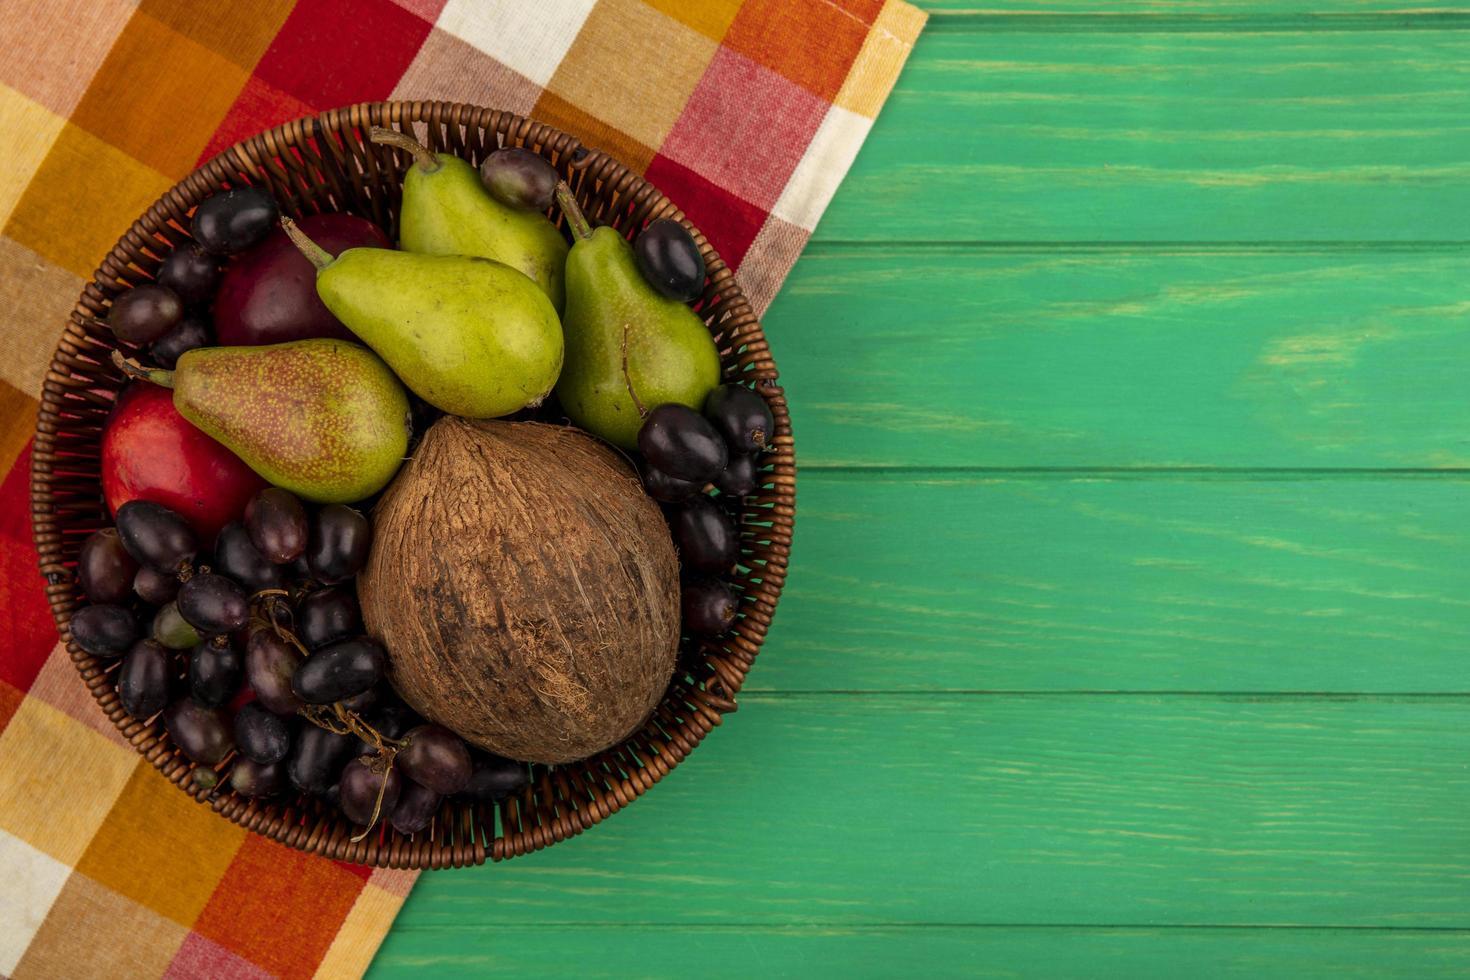 Assorted fruit on stylized mid-autumn background photo